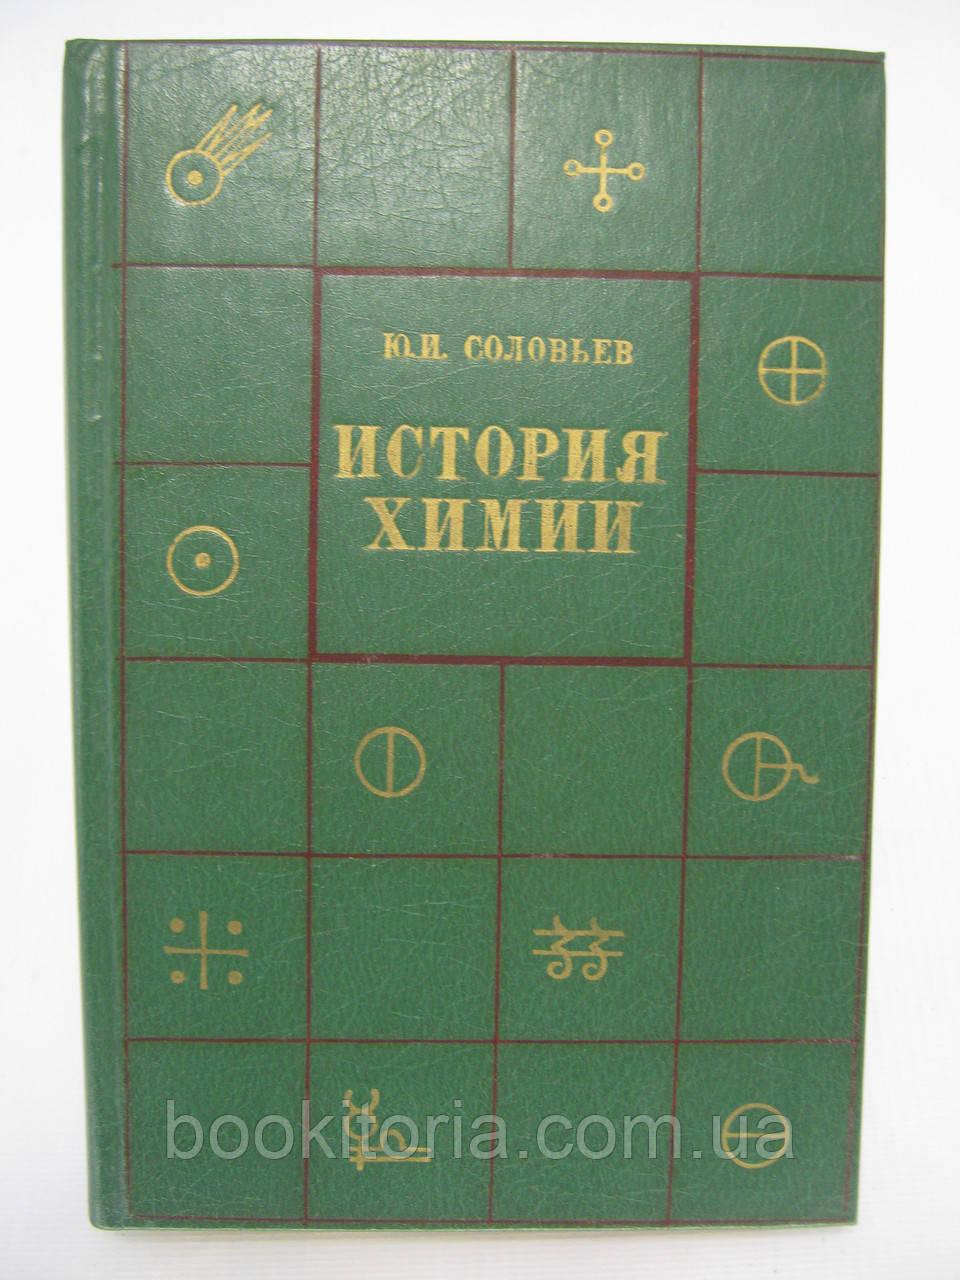 Соловьев Ю.И. История химии (б/у).